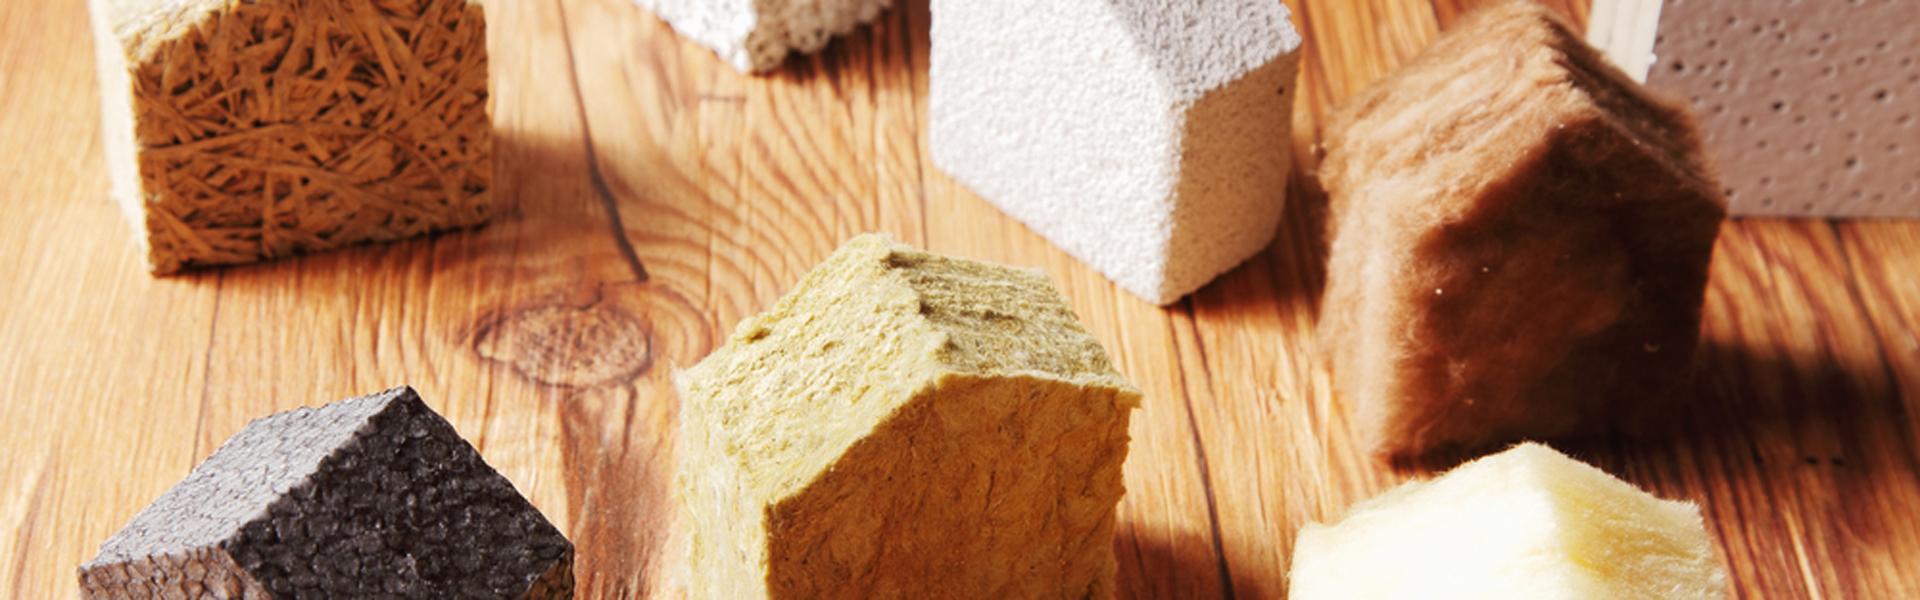 Verschiedene Dämmstoffe, die beim Hausbau verwendet werden, in Form von kleinen Häusern.